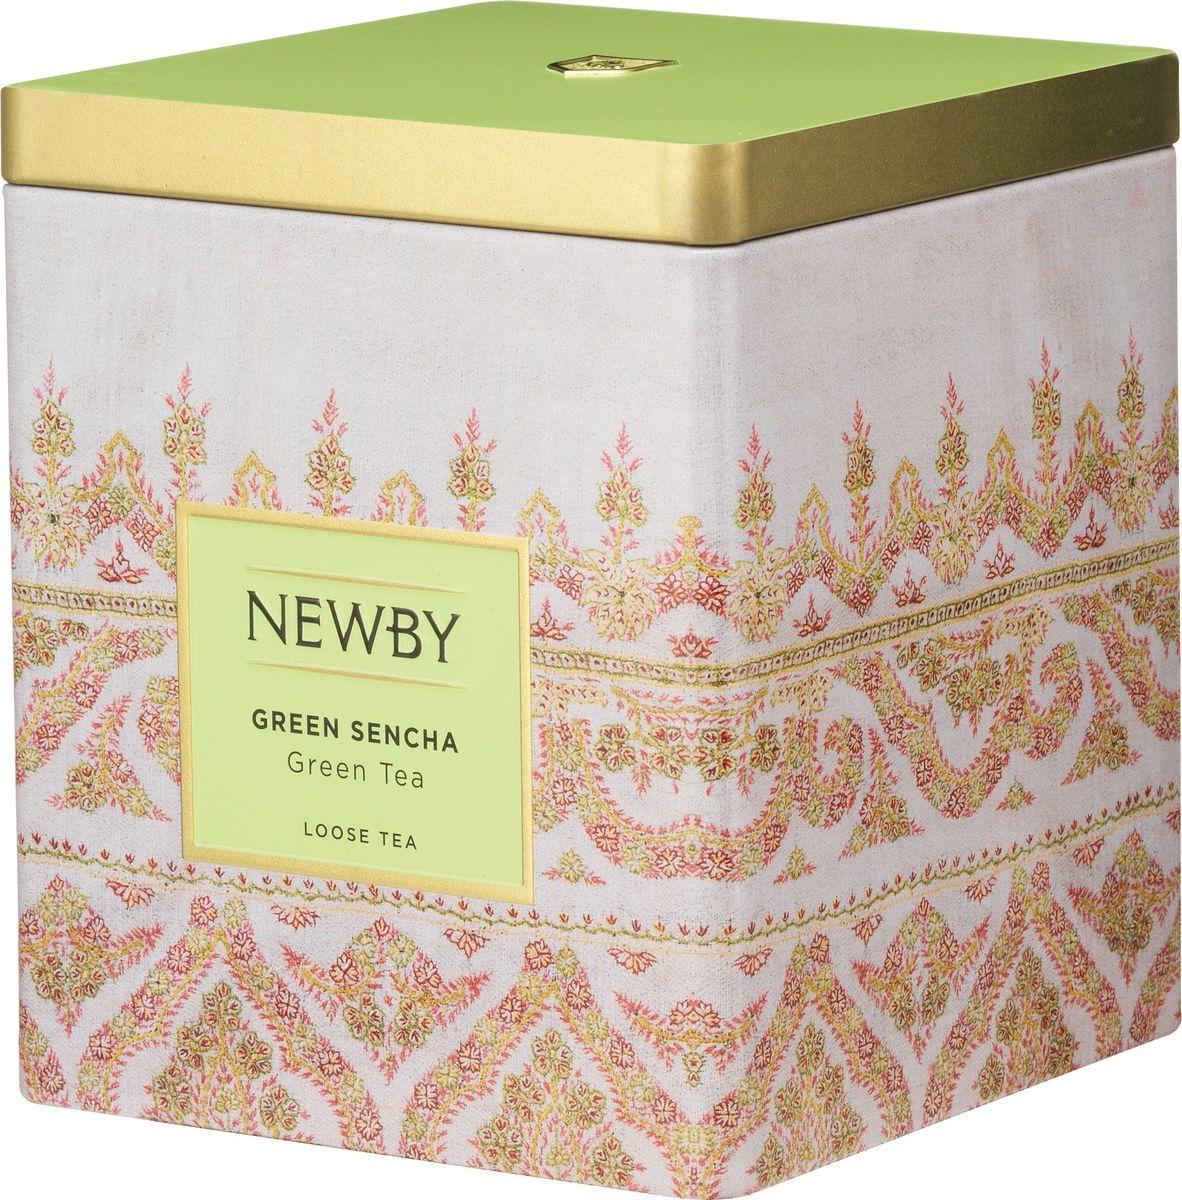 Newby Green Sencha зеленый листовой чай, 125 г130080АСобранные ранней весной, чайные листья этого самого популярного сорта зеленого чая обрабатываются паром, что позволяет сохранить их первозданную свежесть. Обладает насыщенным превосходным ароматом риса.